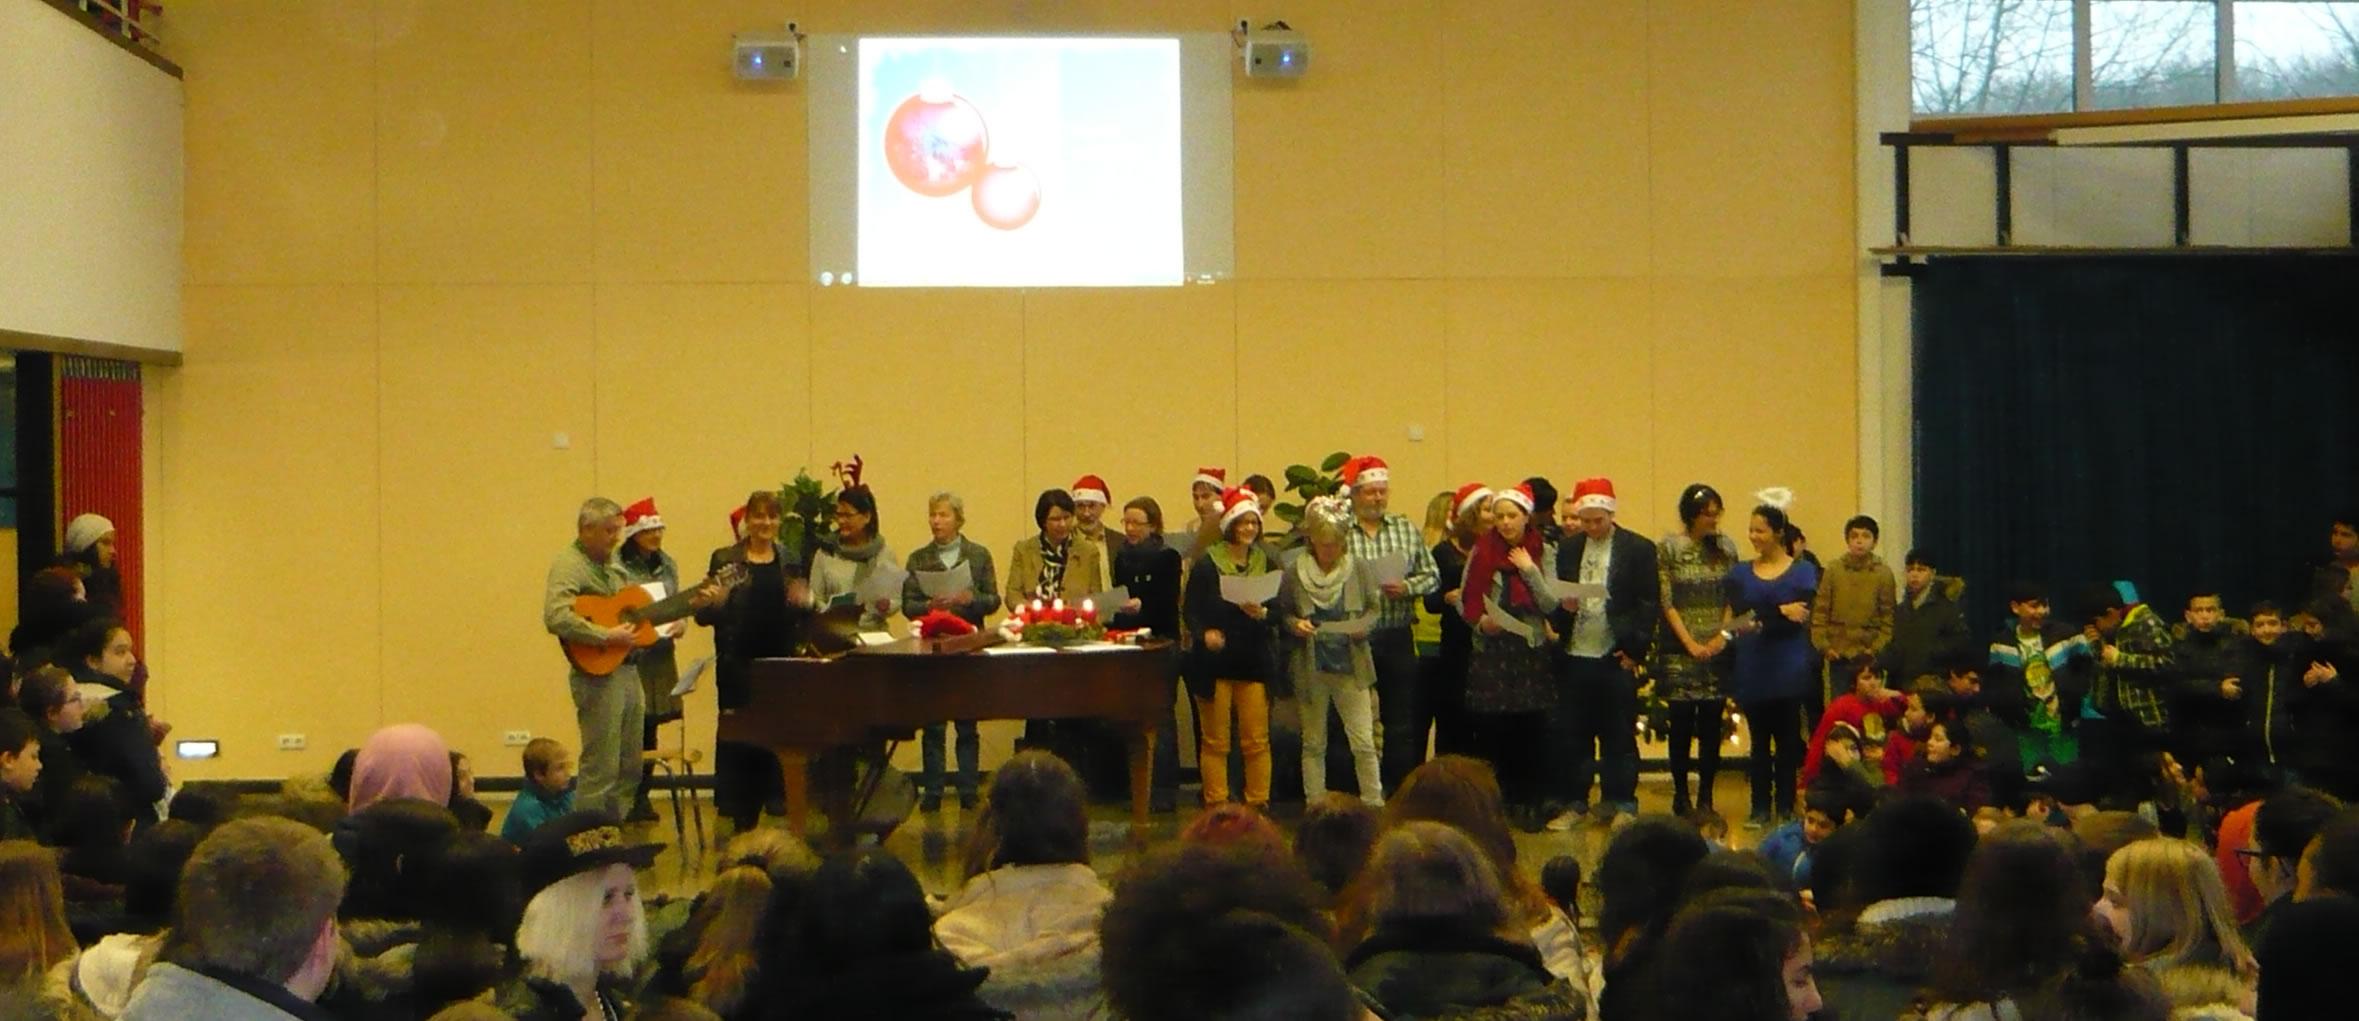 Weihnachts-Chor der TKG